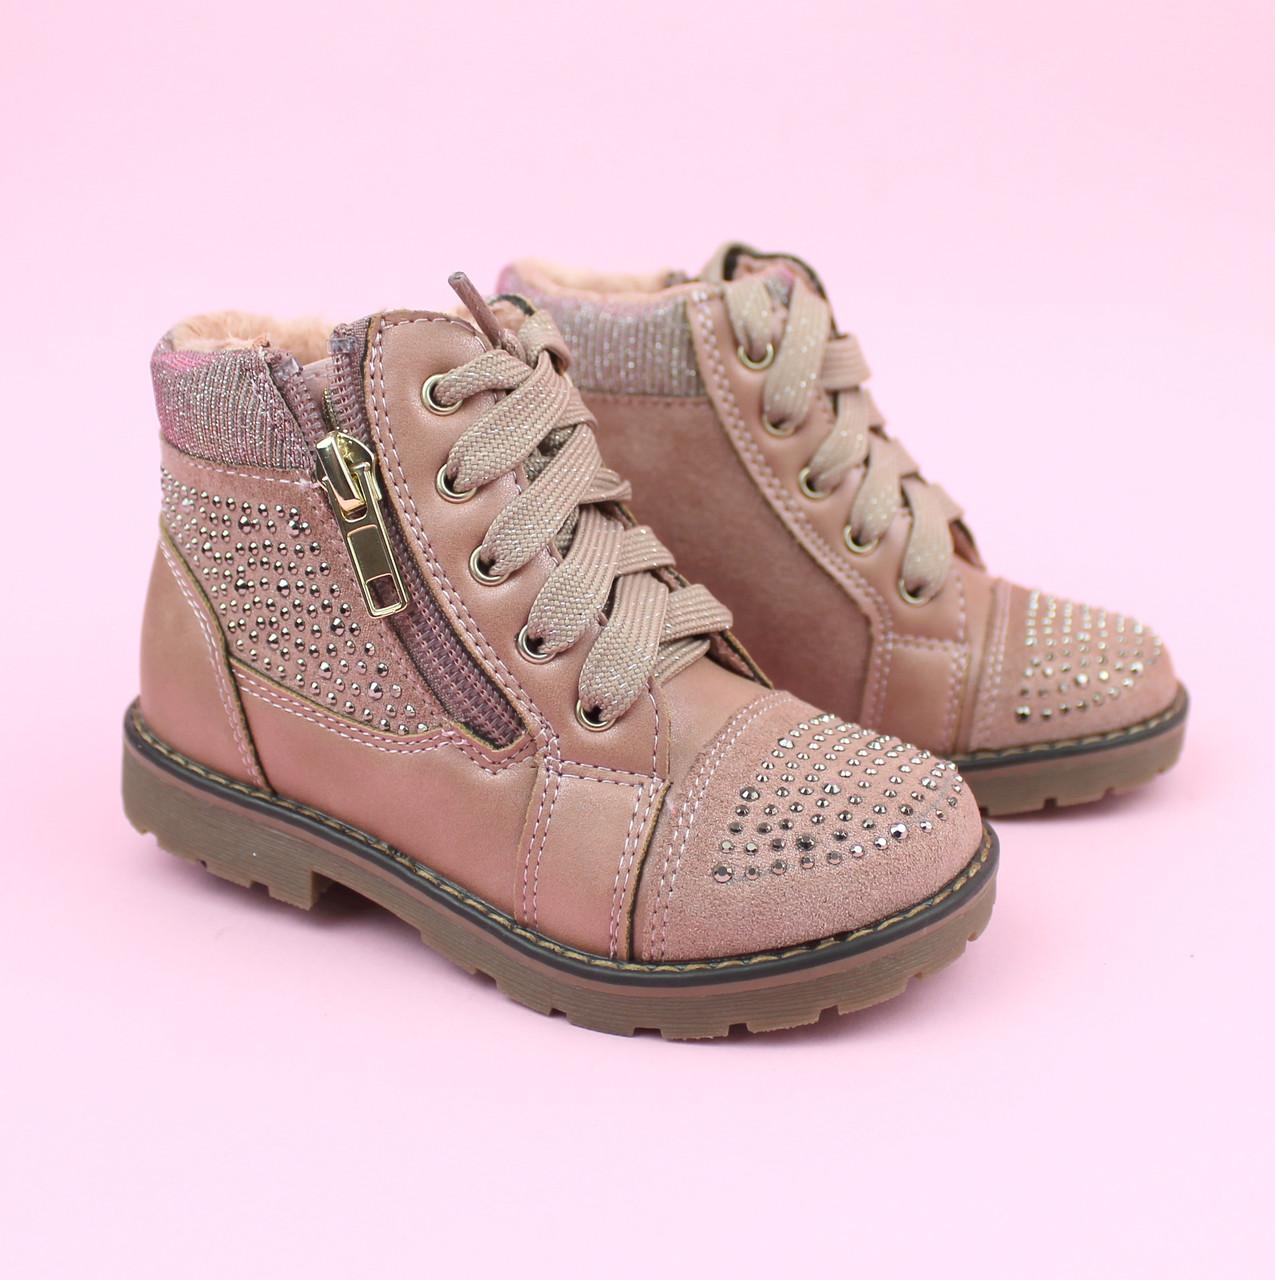 Демисезонные розовые ботинки для девочки Стразы тм Bi&Ki размер 29, фото 1